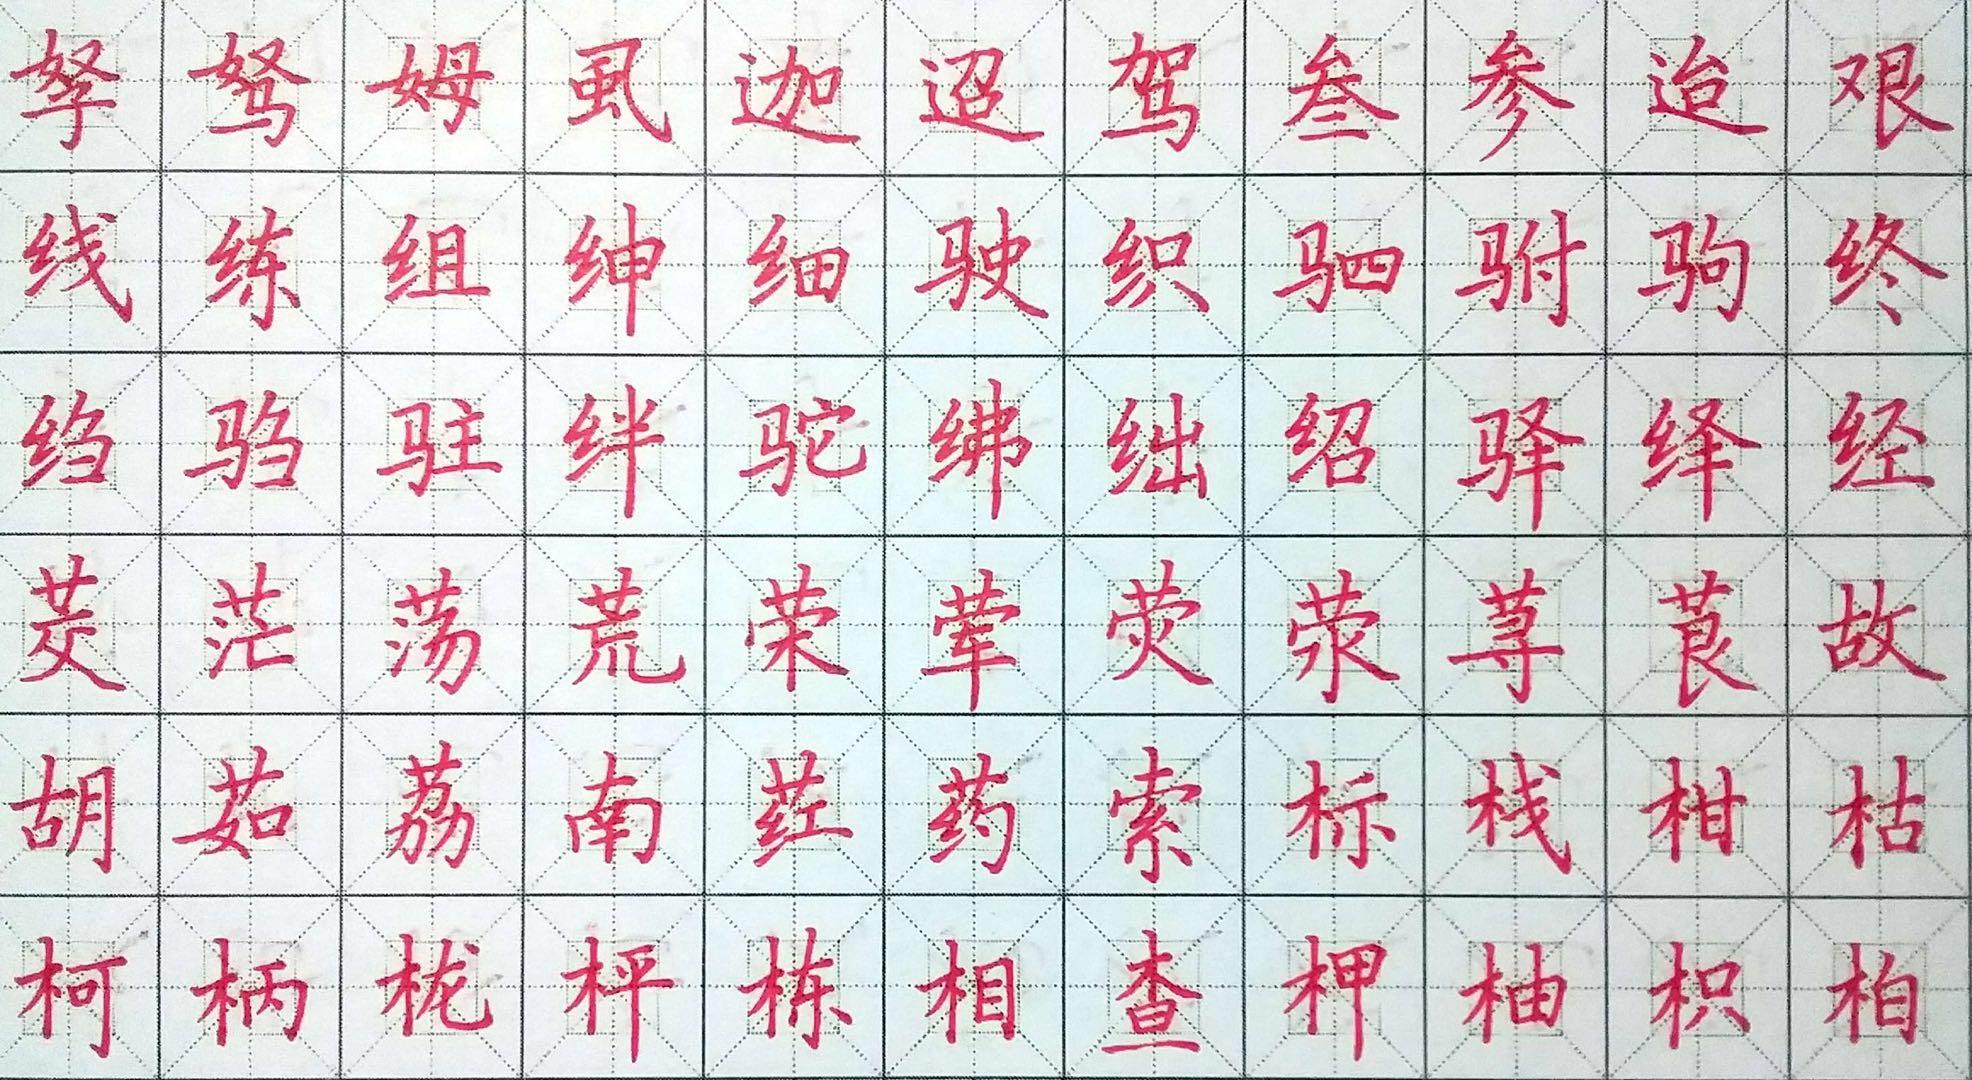 练字技巧:字帖练字能练好字吗?